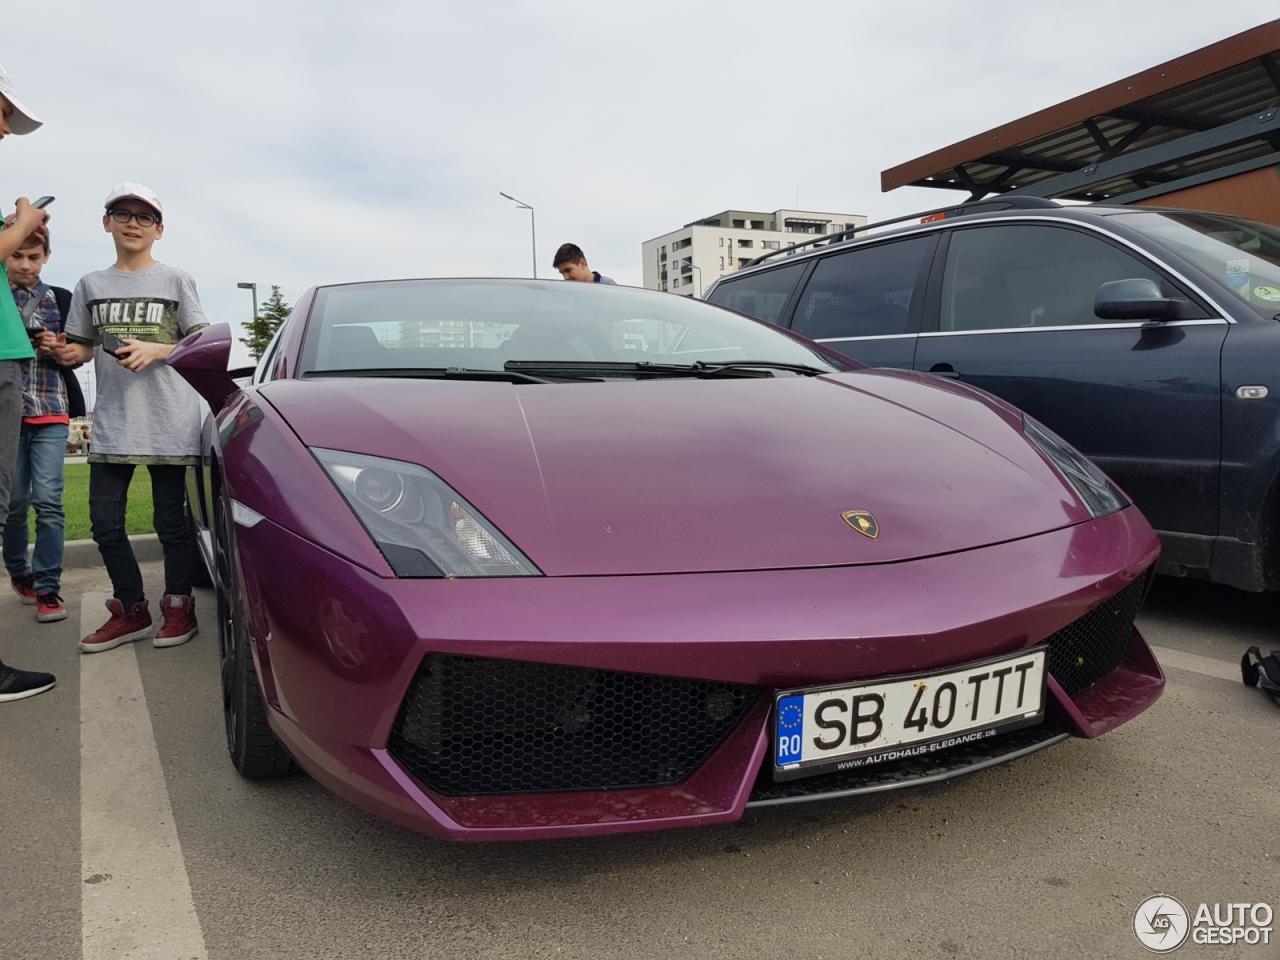 Lamborghini Gallardo Lp560 4 8 May 2018 Autogespot